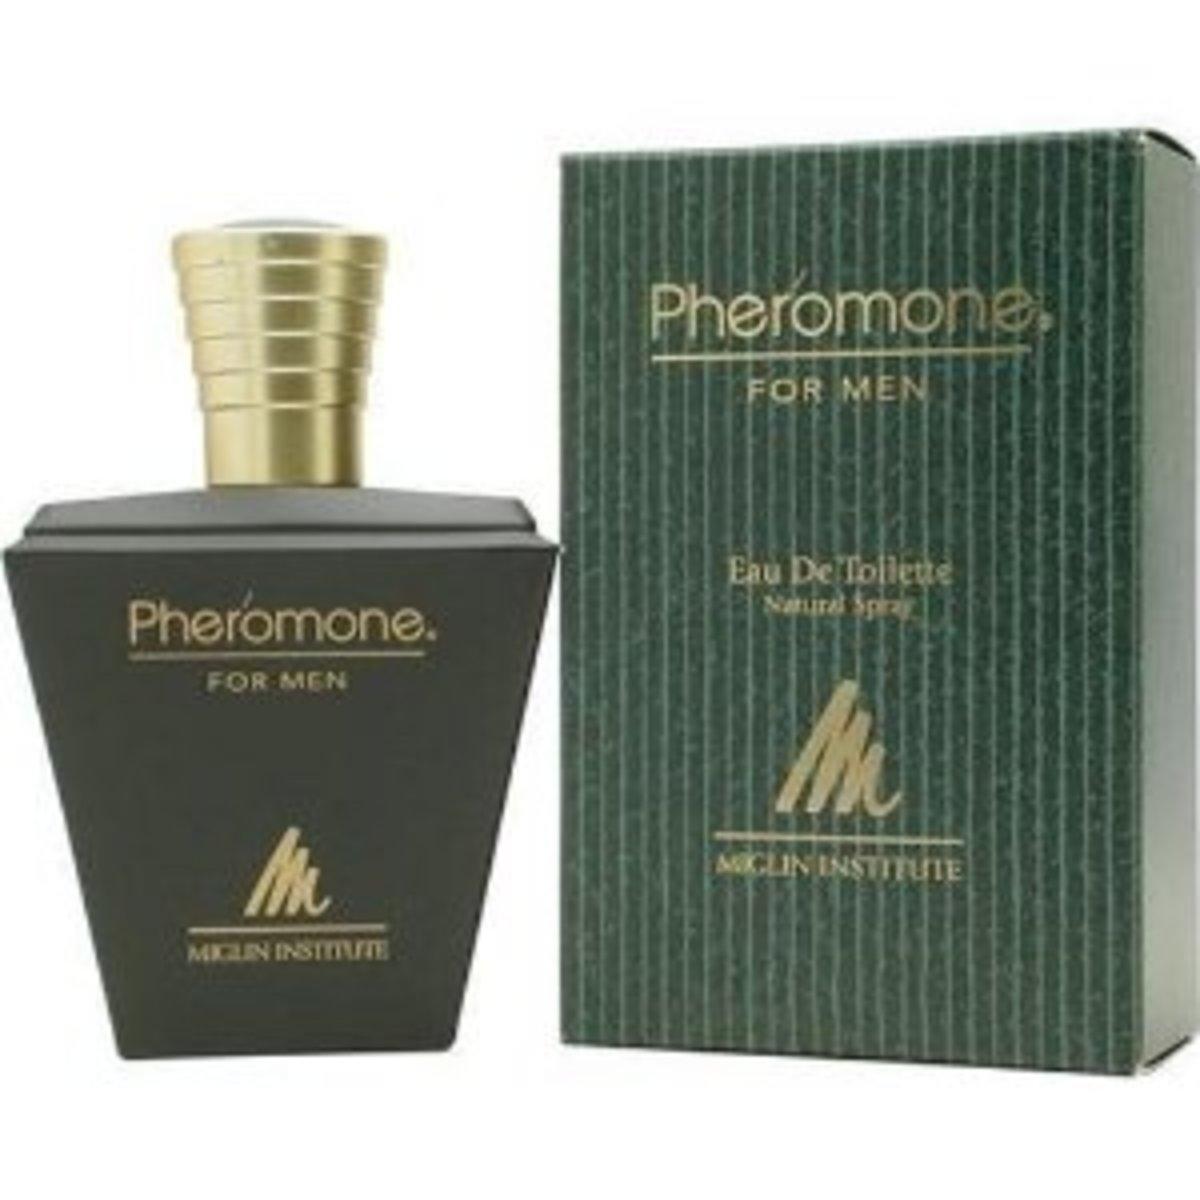 Top 10 Pheromone Colognes for Men to Attract Women : Best Pheromones List (2016)